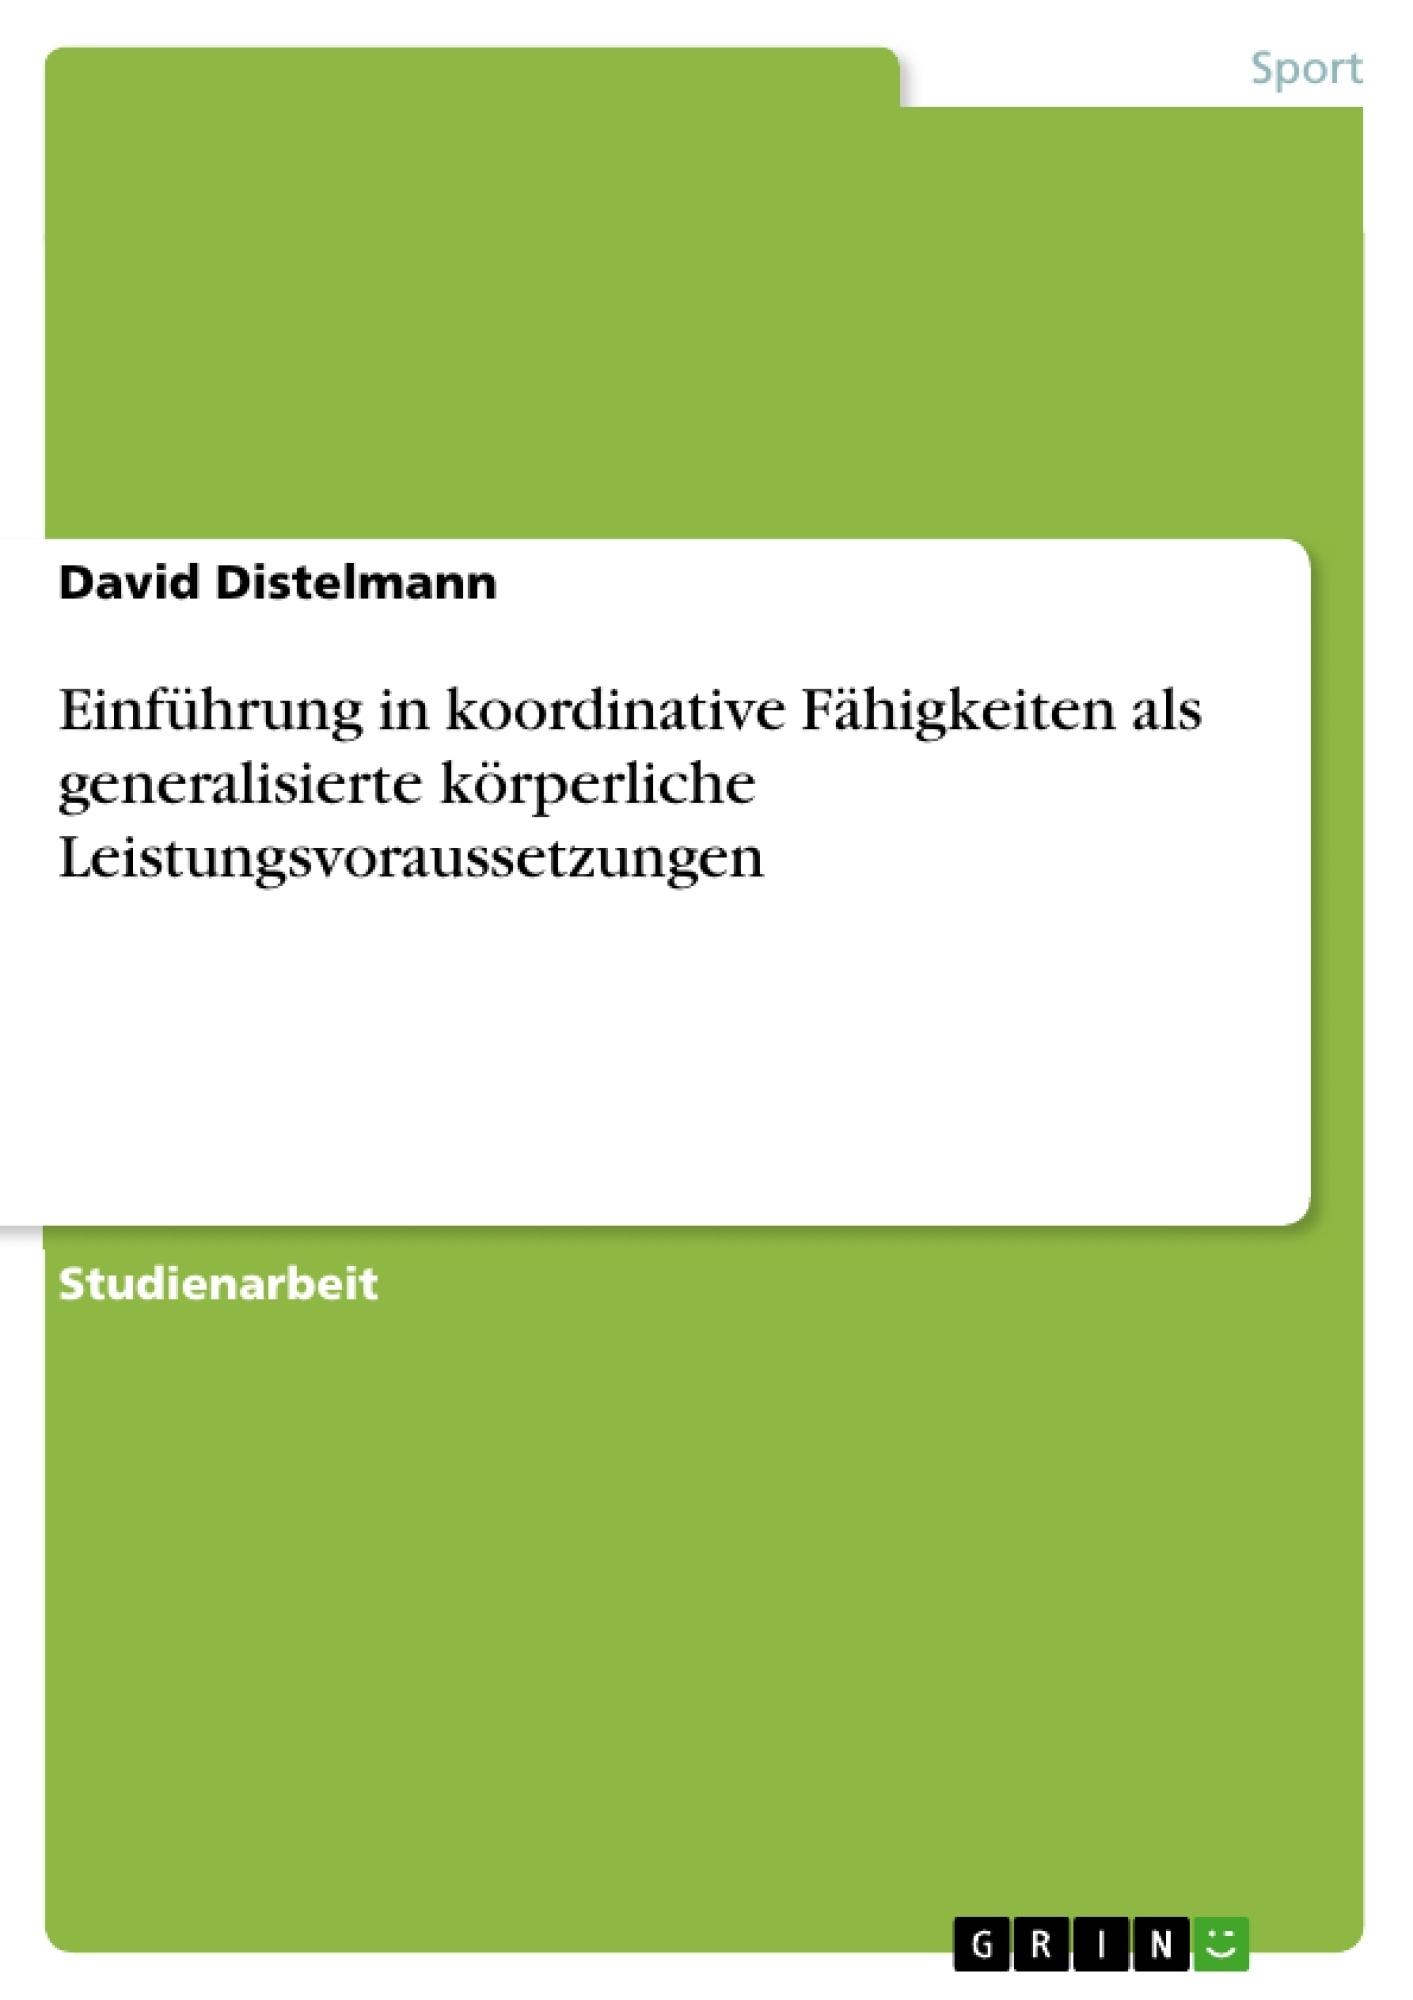 Titel: Einführung in koordinative Fähigkeiten als generalisierte körperliche Leistungsvoraussetzungen